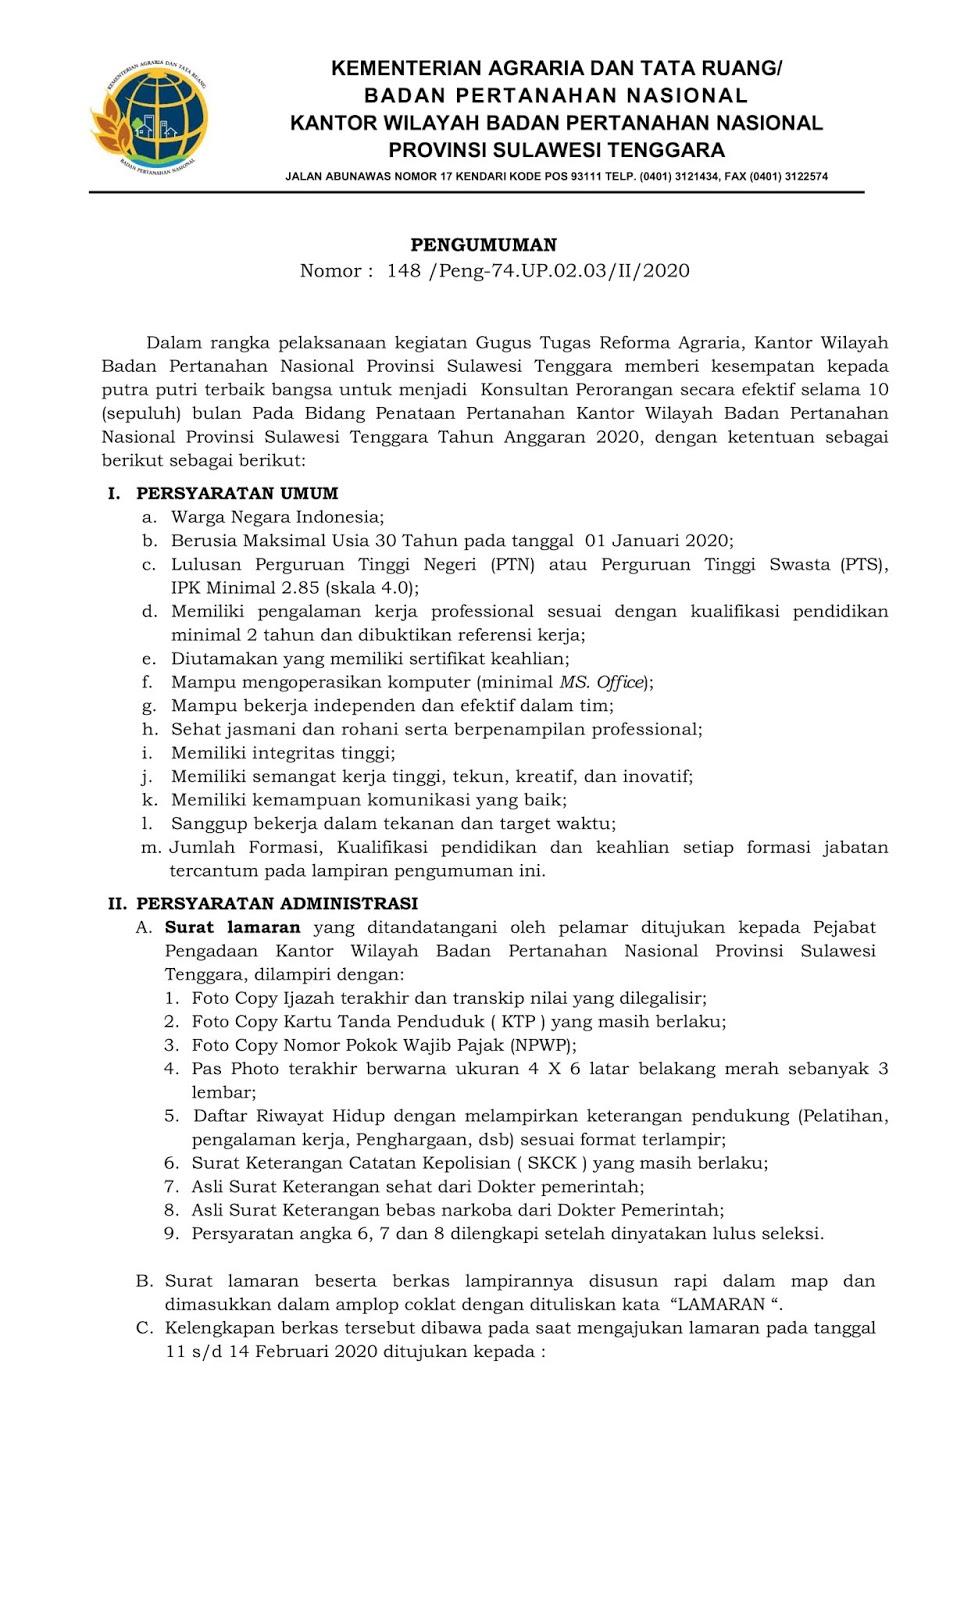 Lowongan Kerja Terbaru Non PNS Badan Pertanahan Nasional Bulan Februari 2020